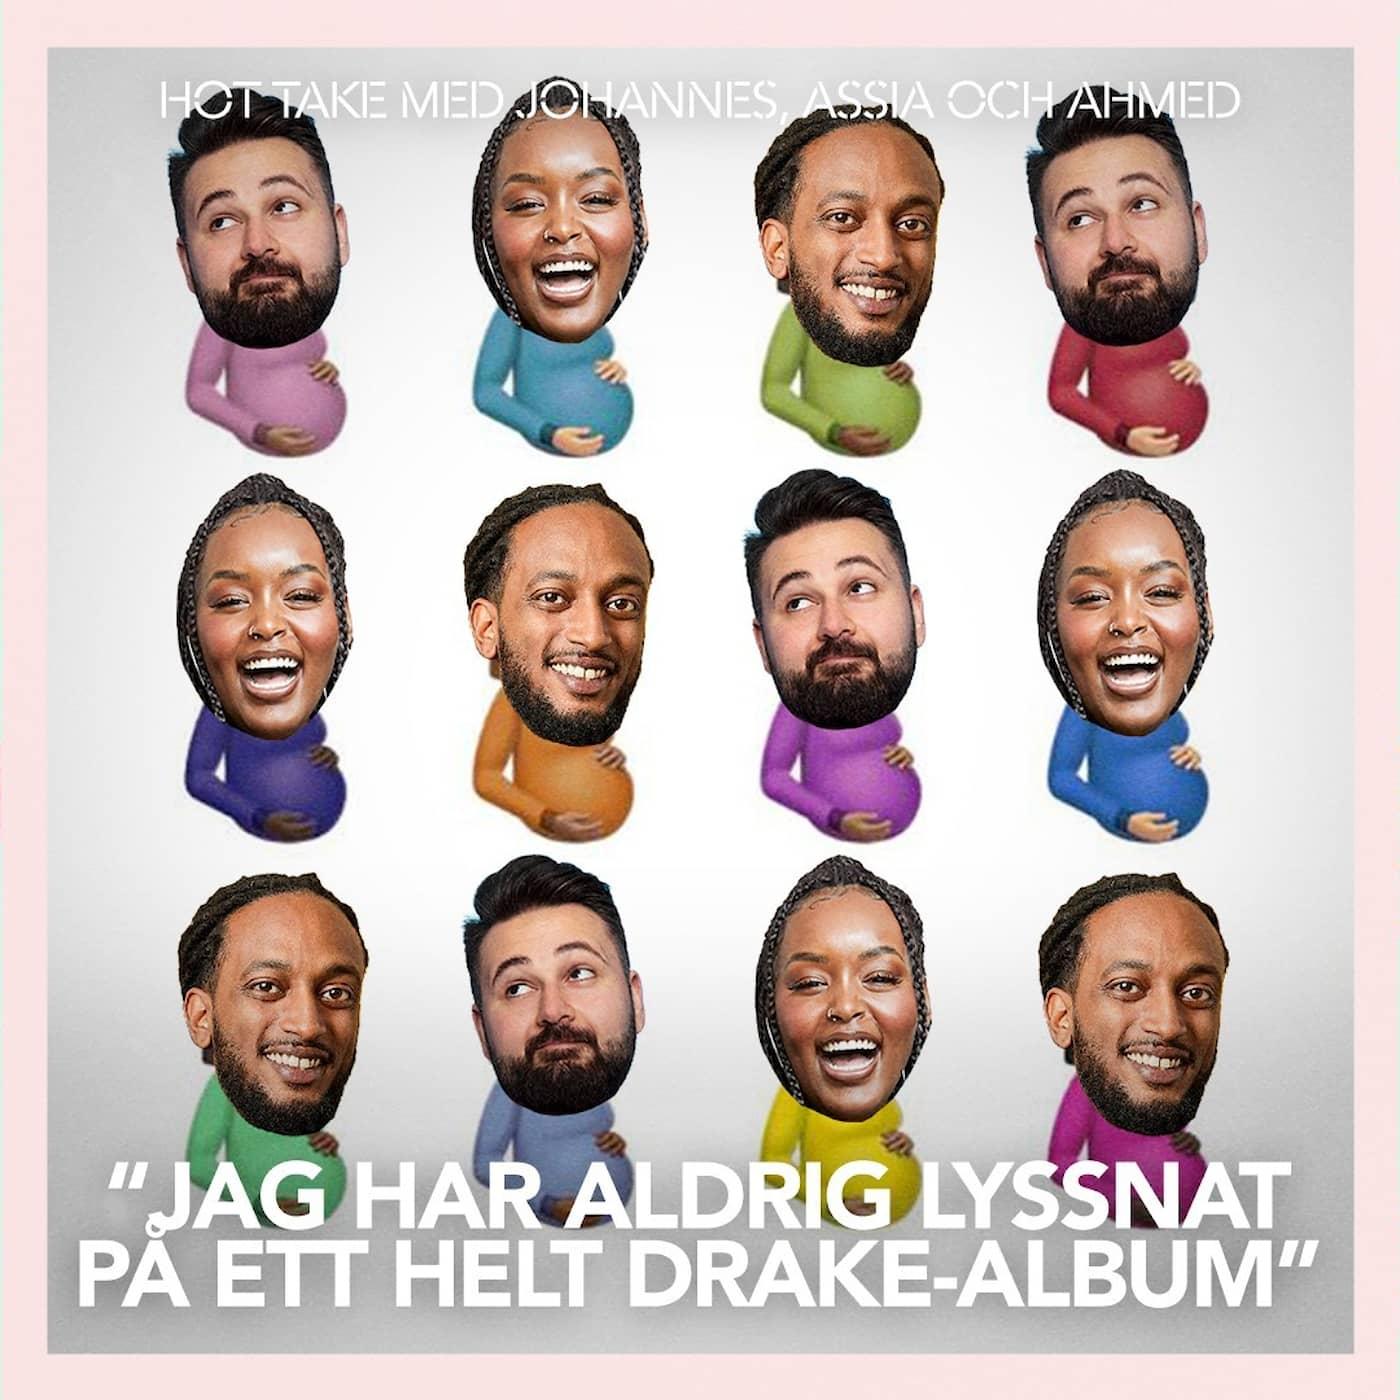 """""""Jag har aldrig lyssnat på ett helt Drake-album"""""""